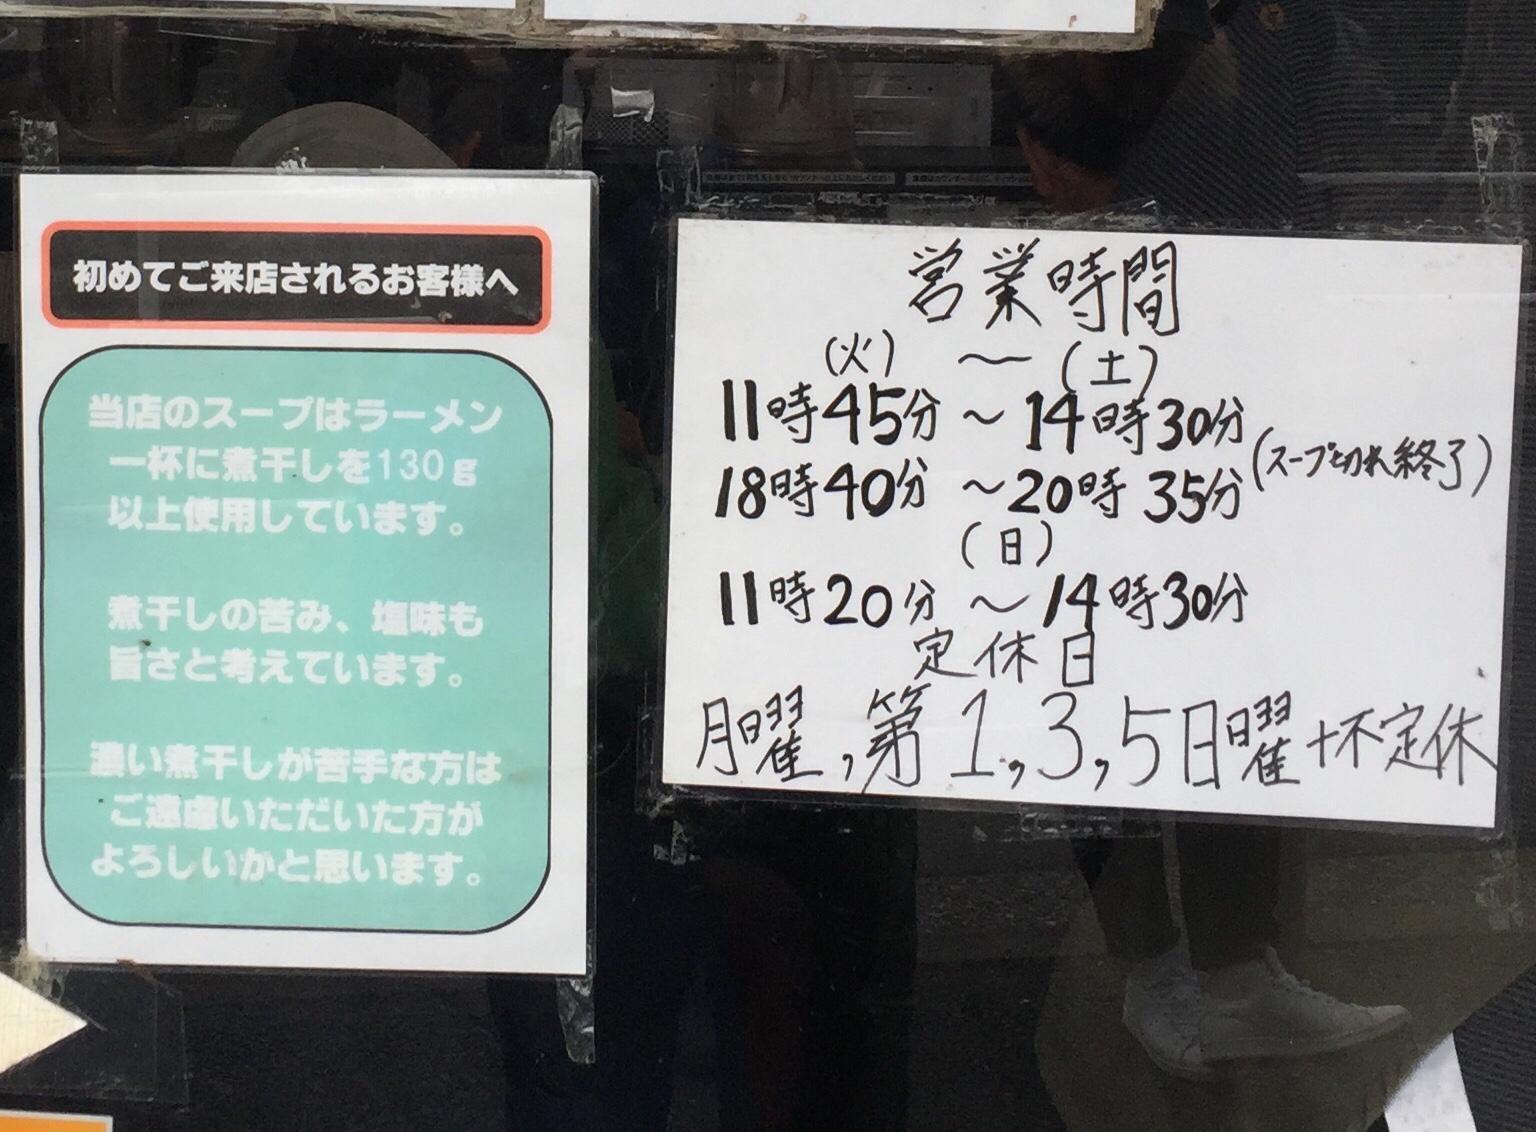 中華ソバ 伊吹 営業時間 営業案内 定休日